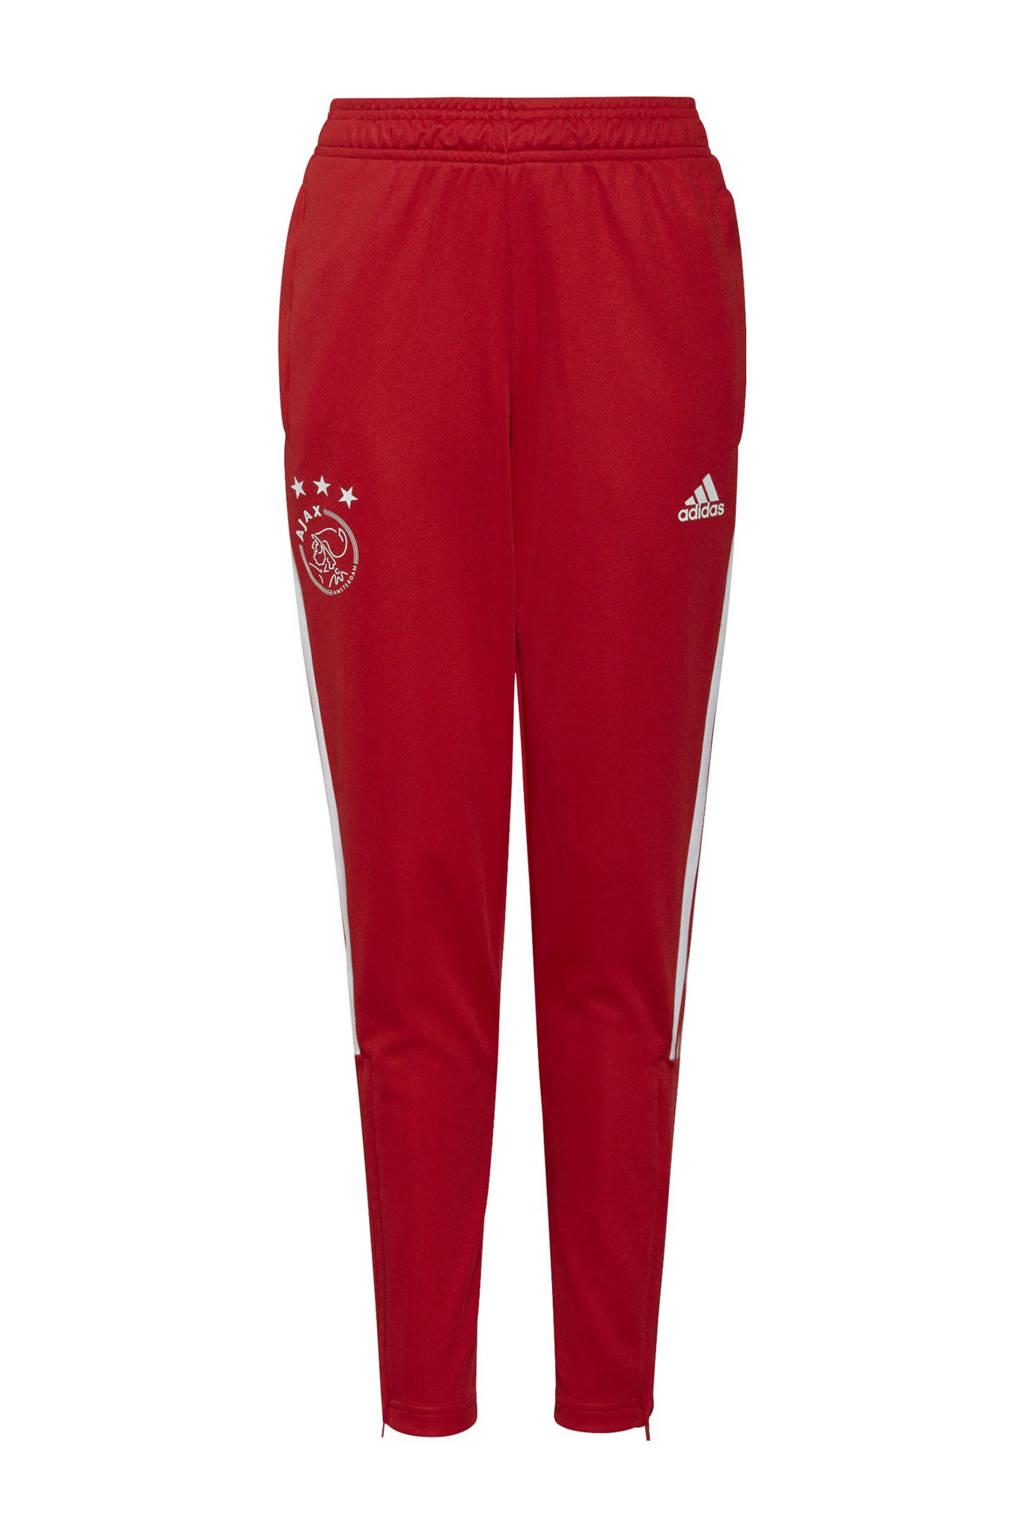 adidas Performance Junior Ajax Amsterdam voetbalbroek training, Rood